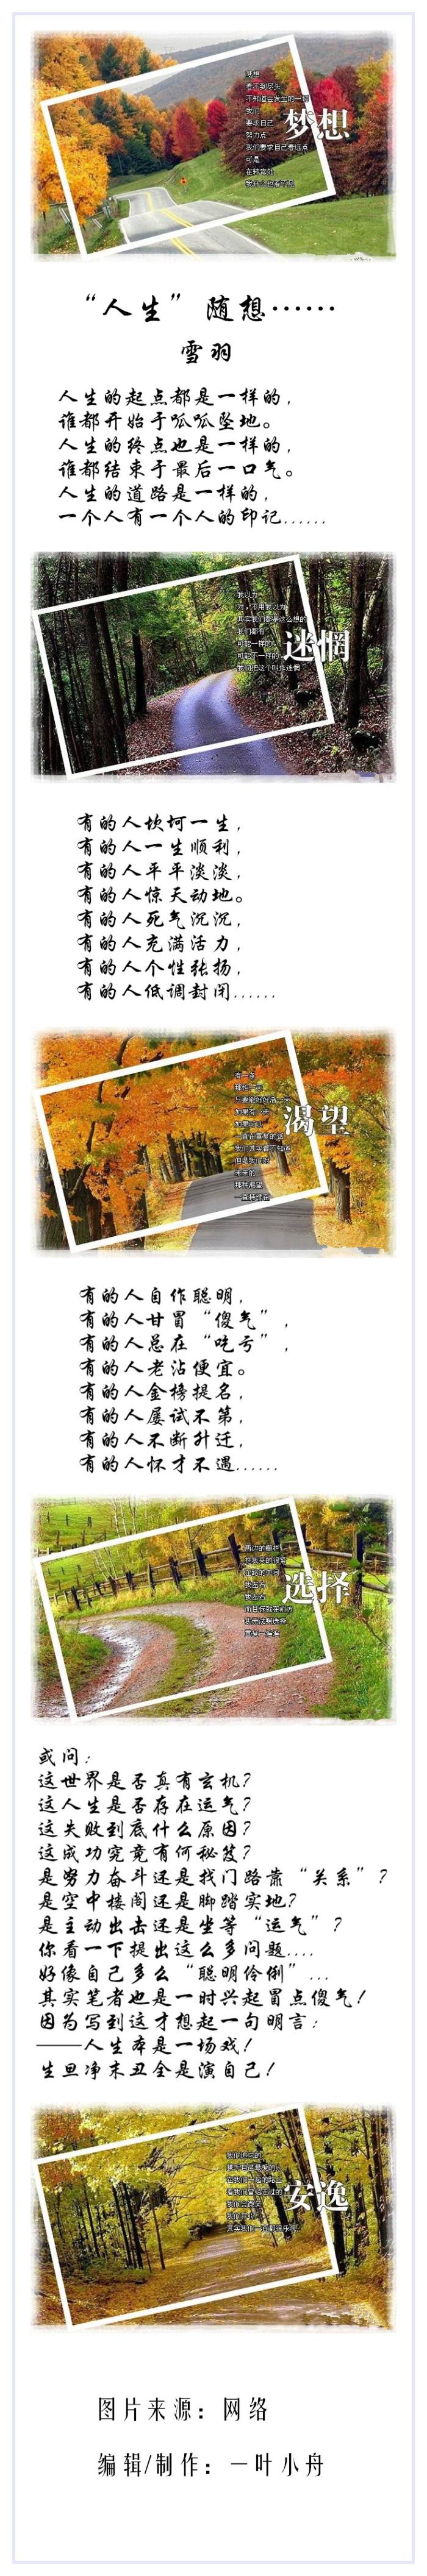 刘老师人生随想诗合成新